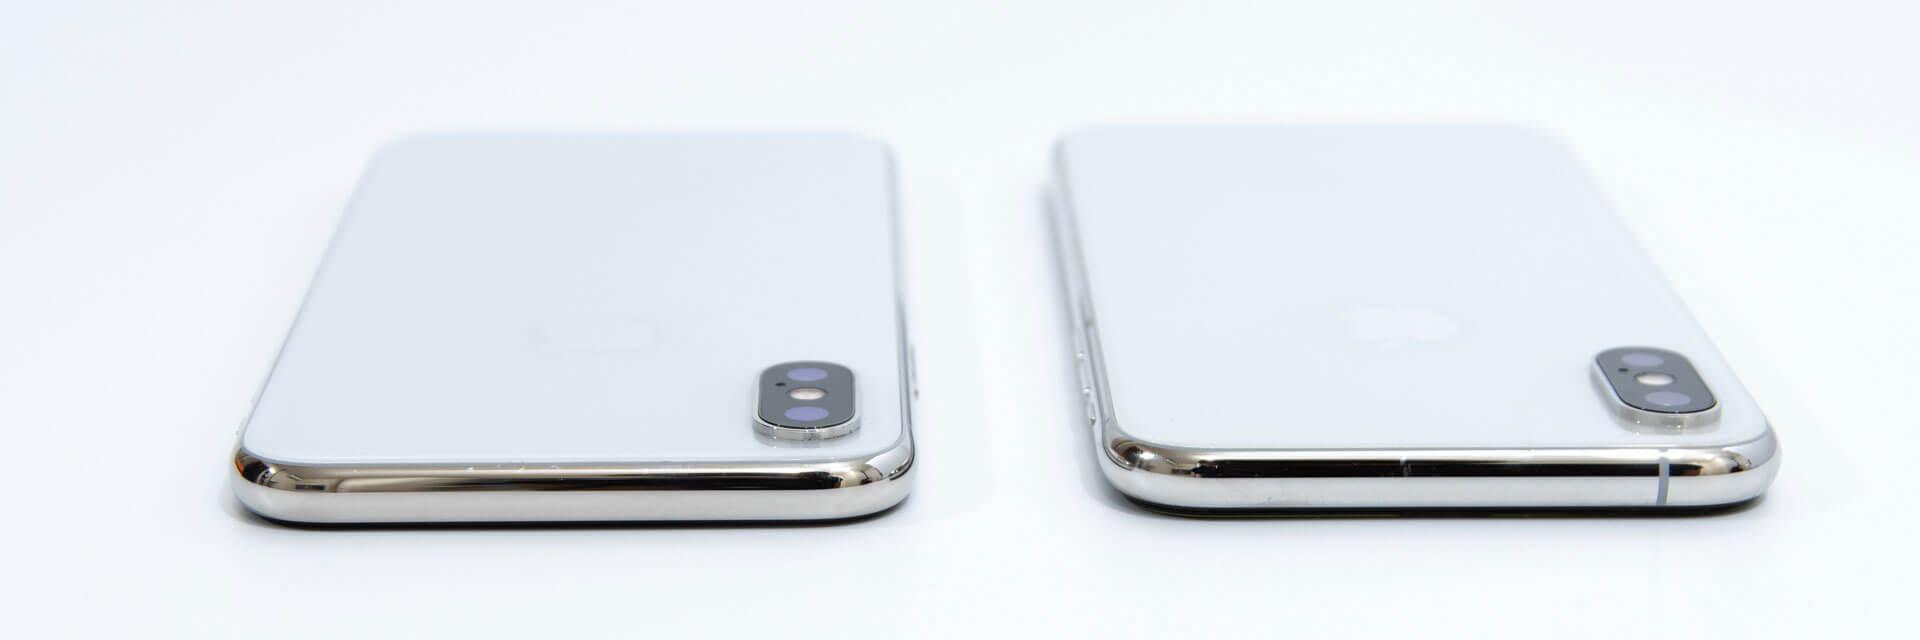 iPhone XS iPhone 外観比較 上部